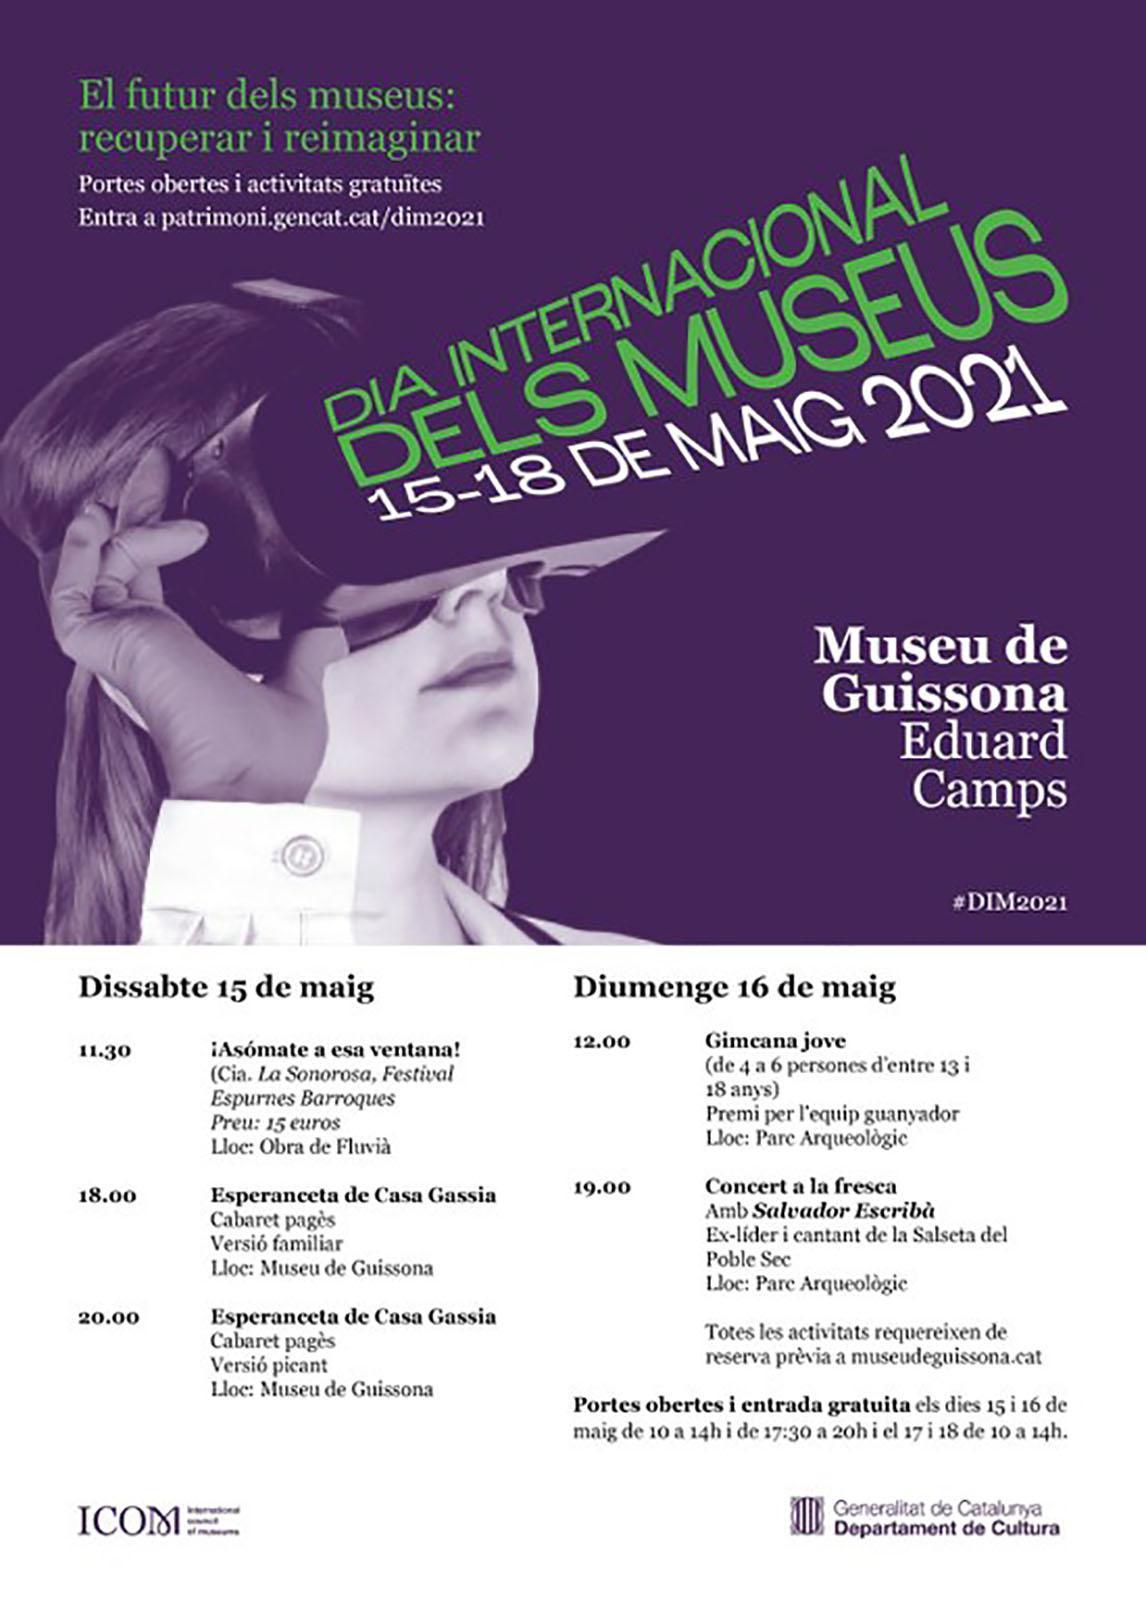 cartell Dia Internacional dels Museus a Guissona